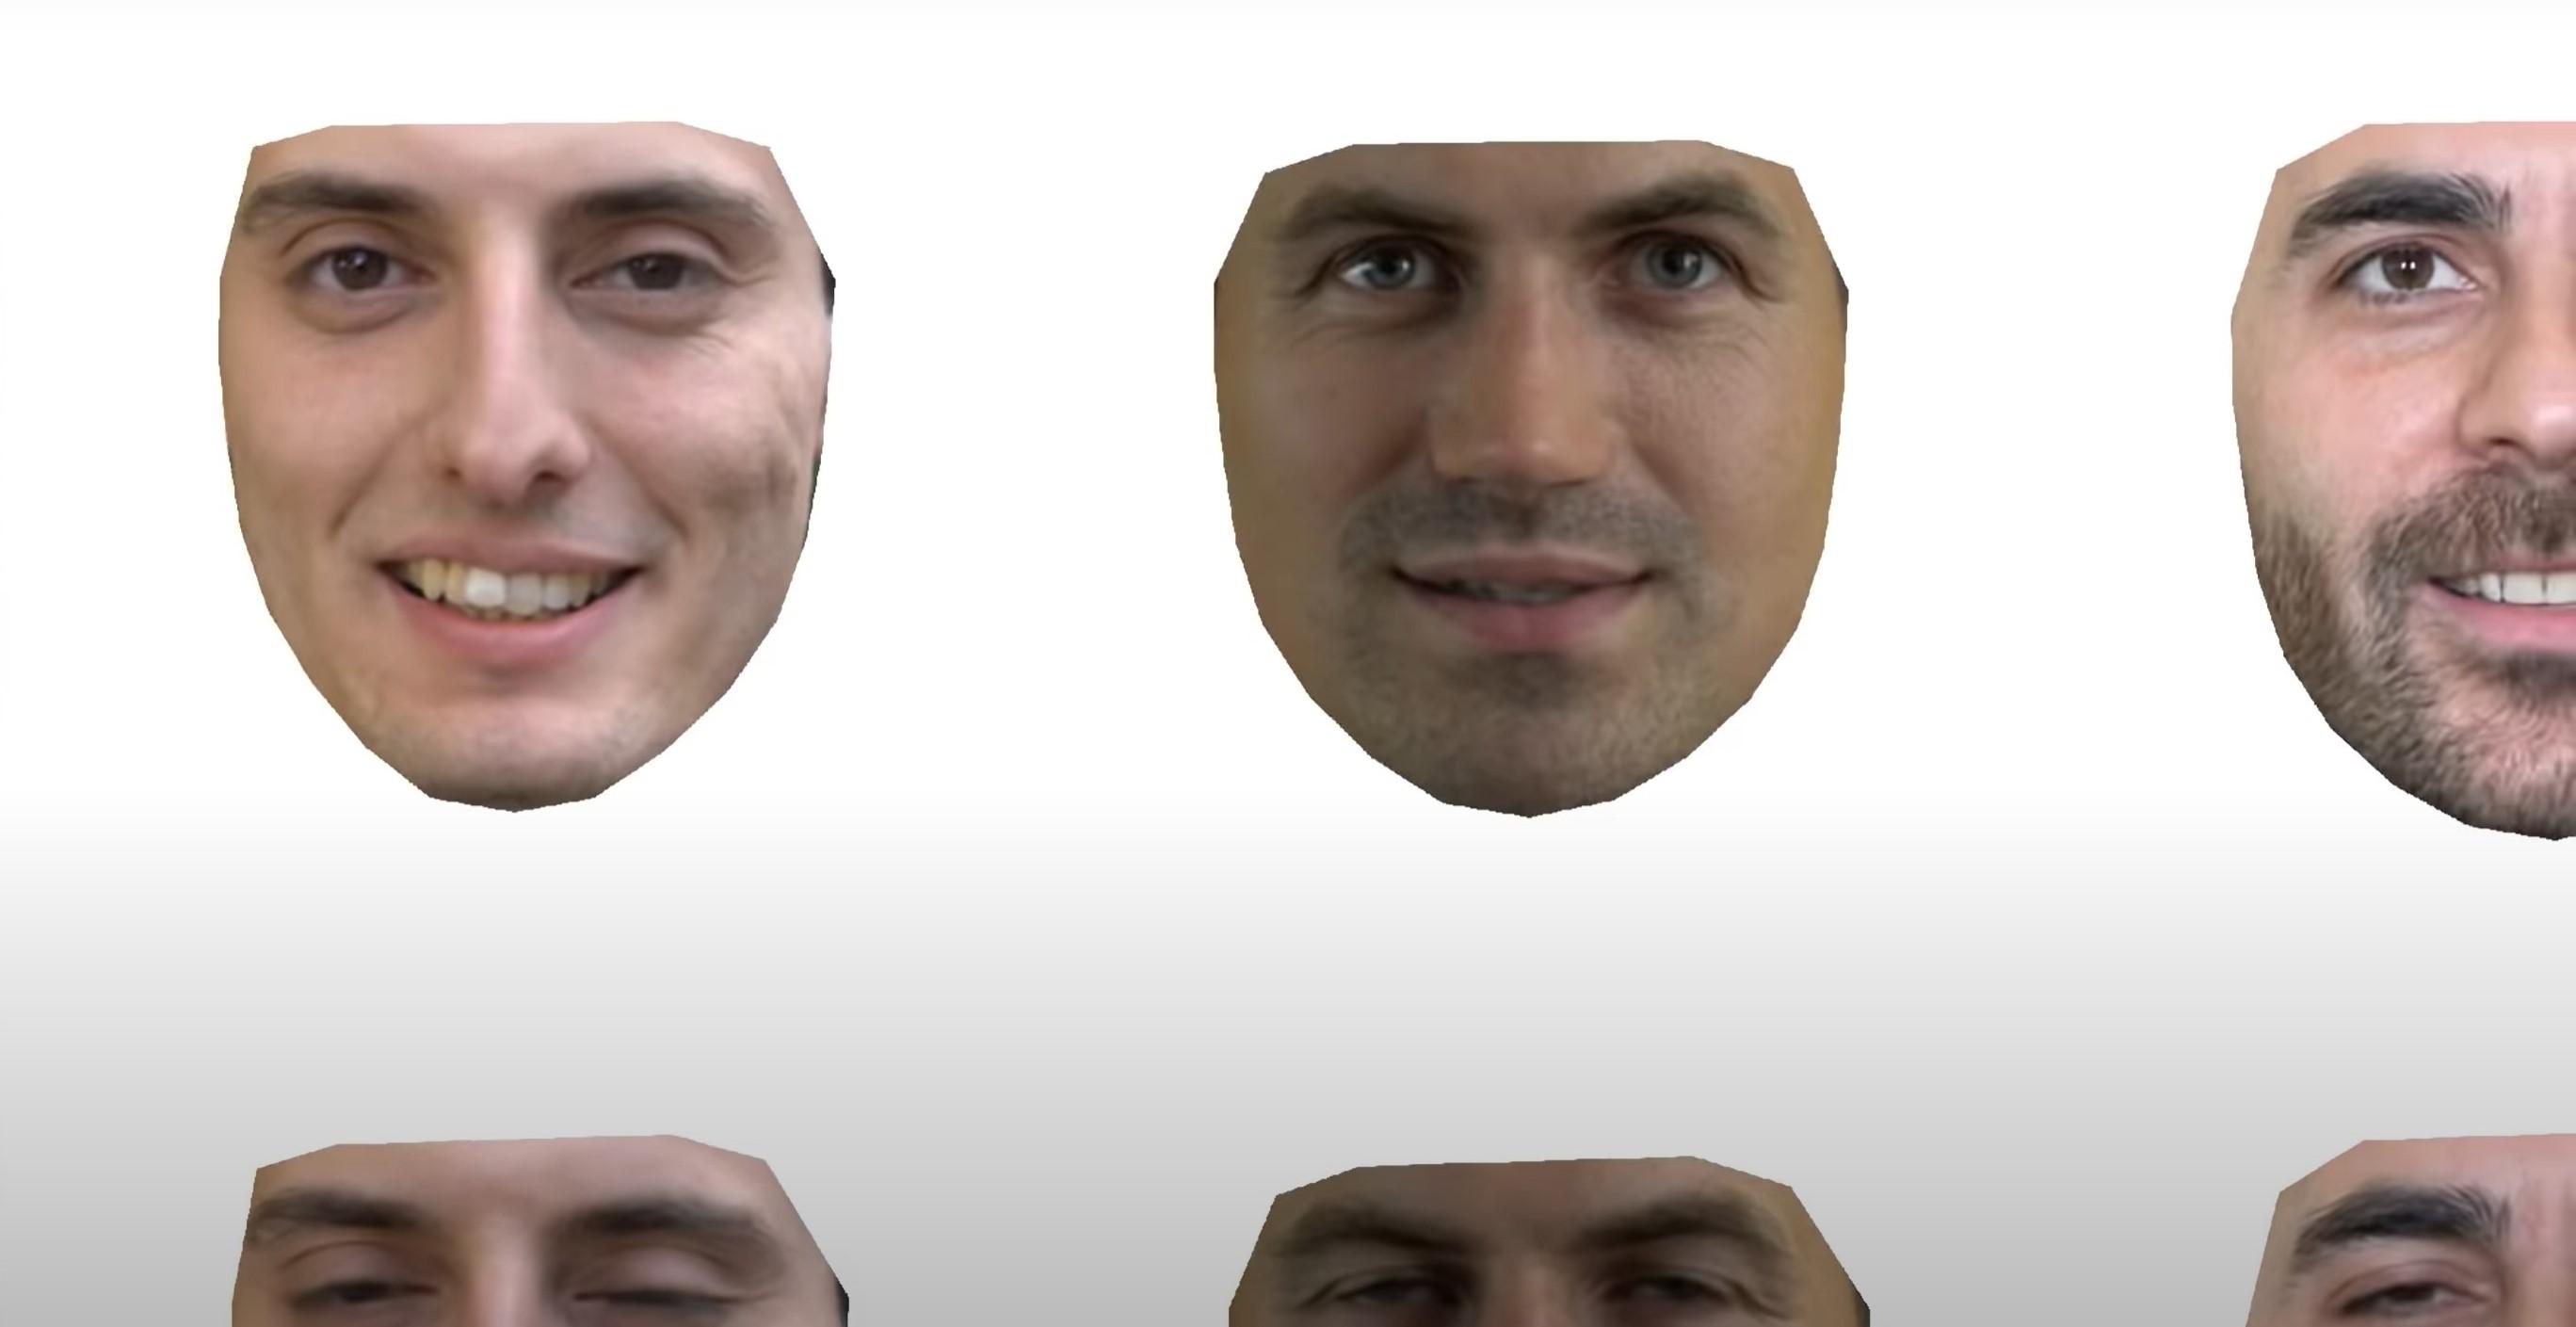 Disney będzie nas oszukiwał. Technologie zamiany twarzy są niezwykle przekonujące 16